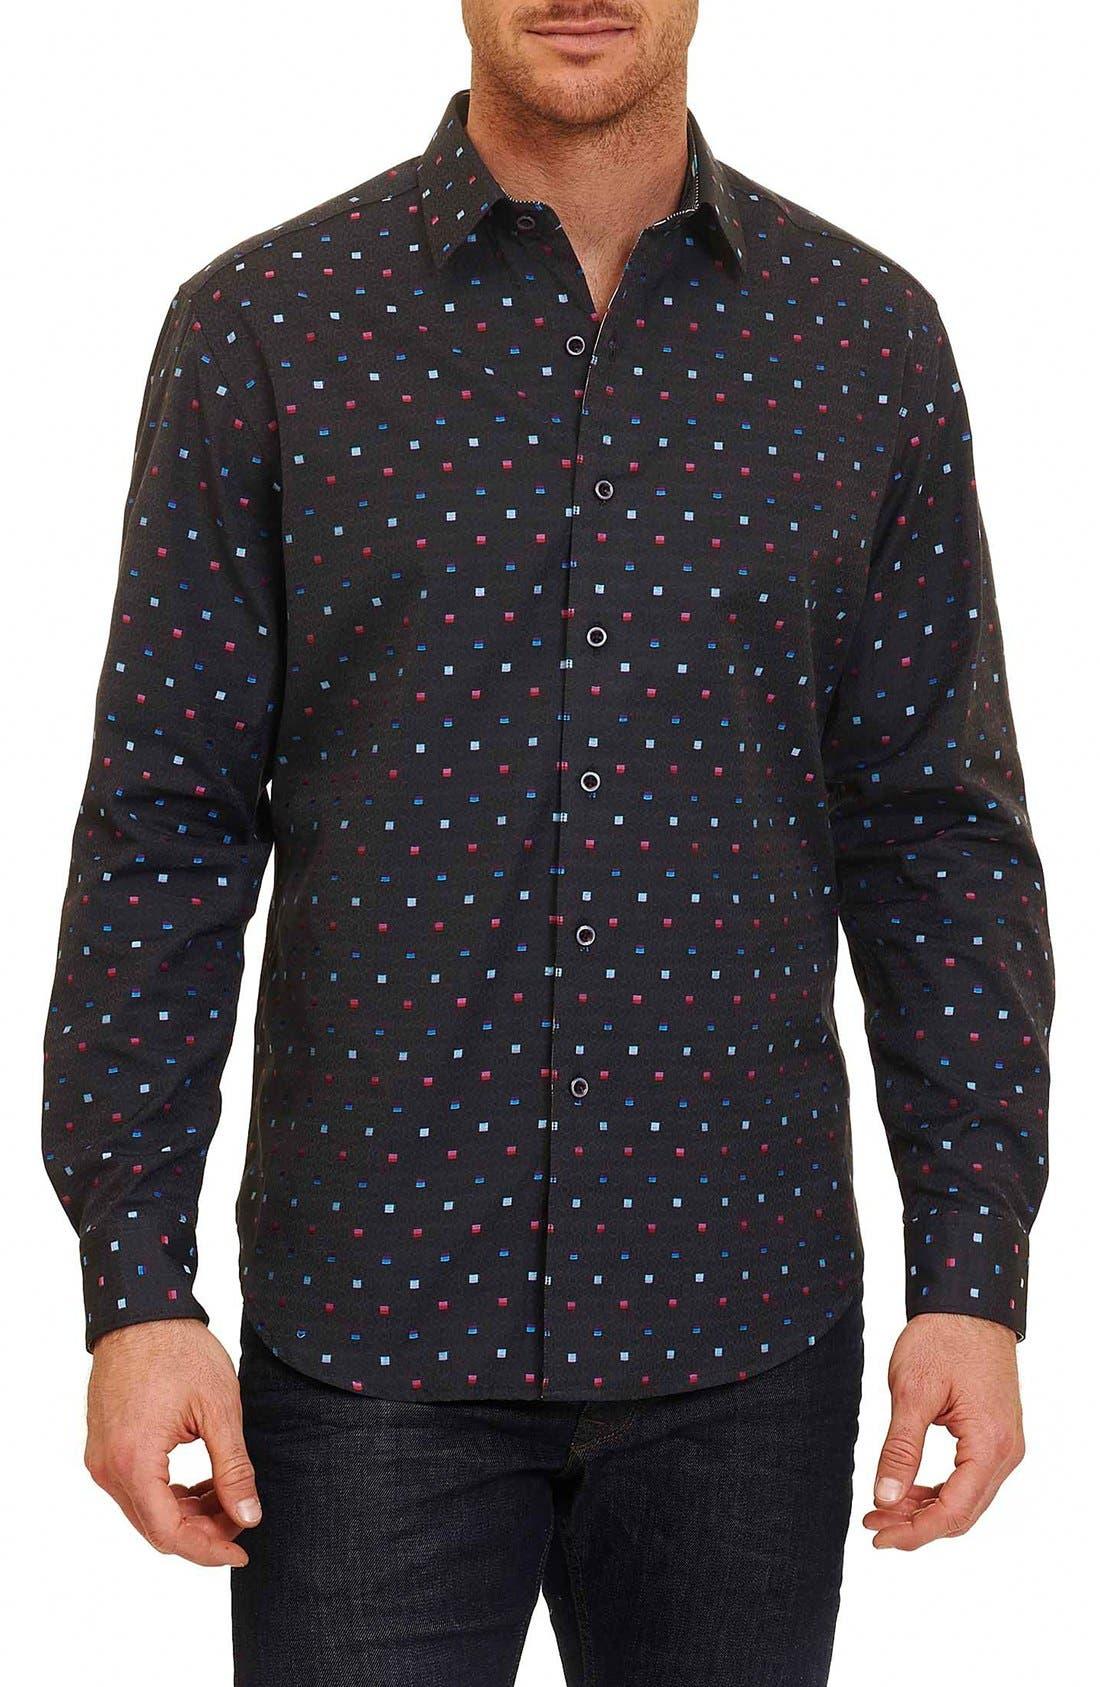 Orion Arm Classic Fit Sport Shirt,                         Main,                         color, 030